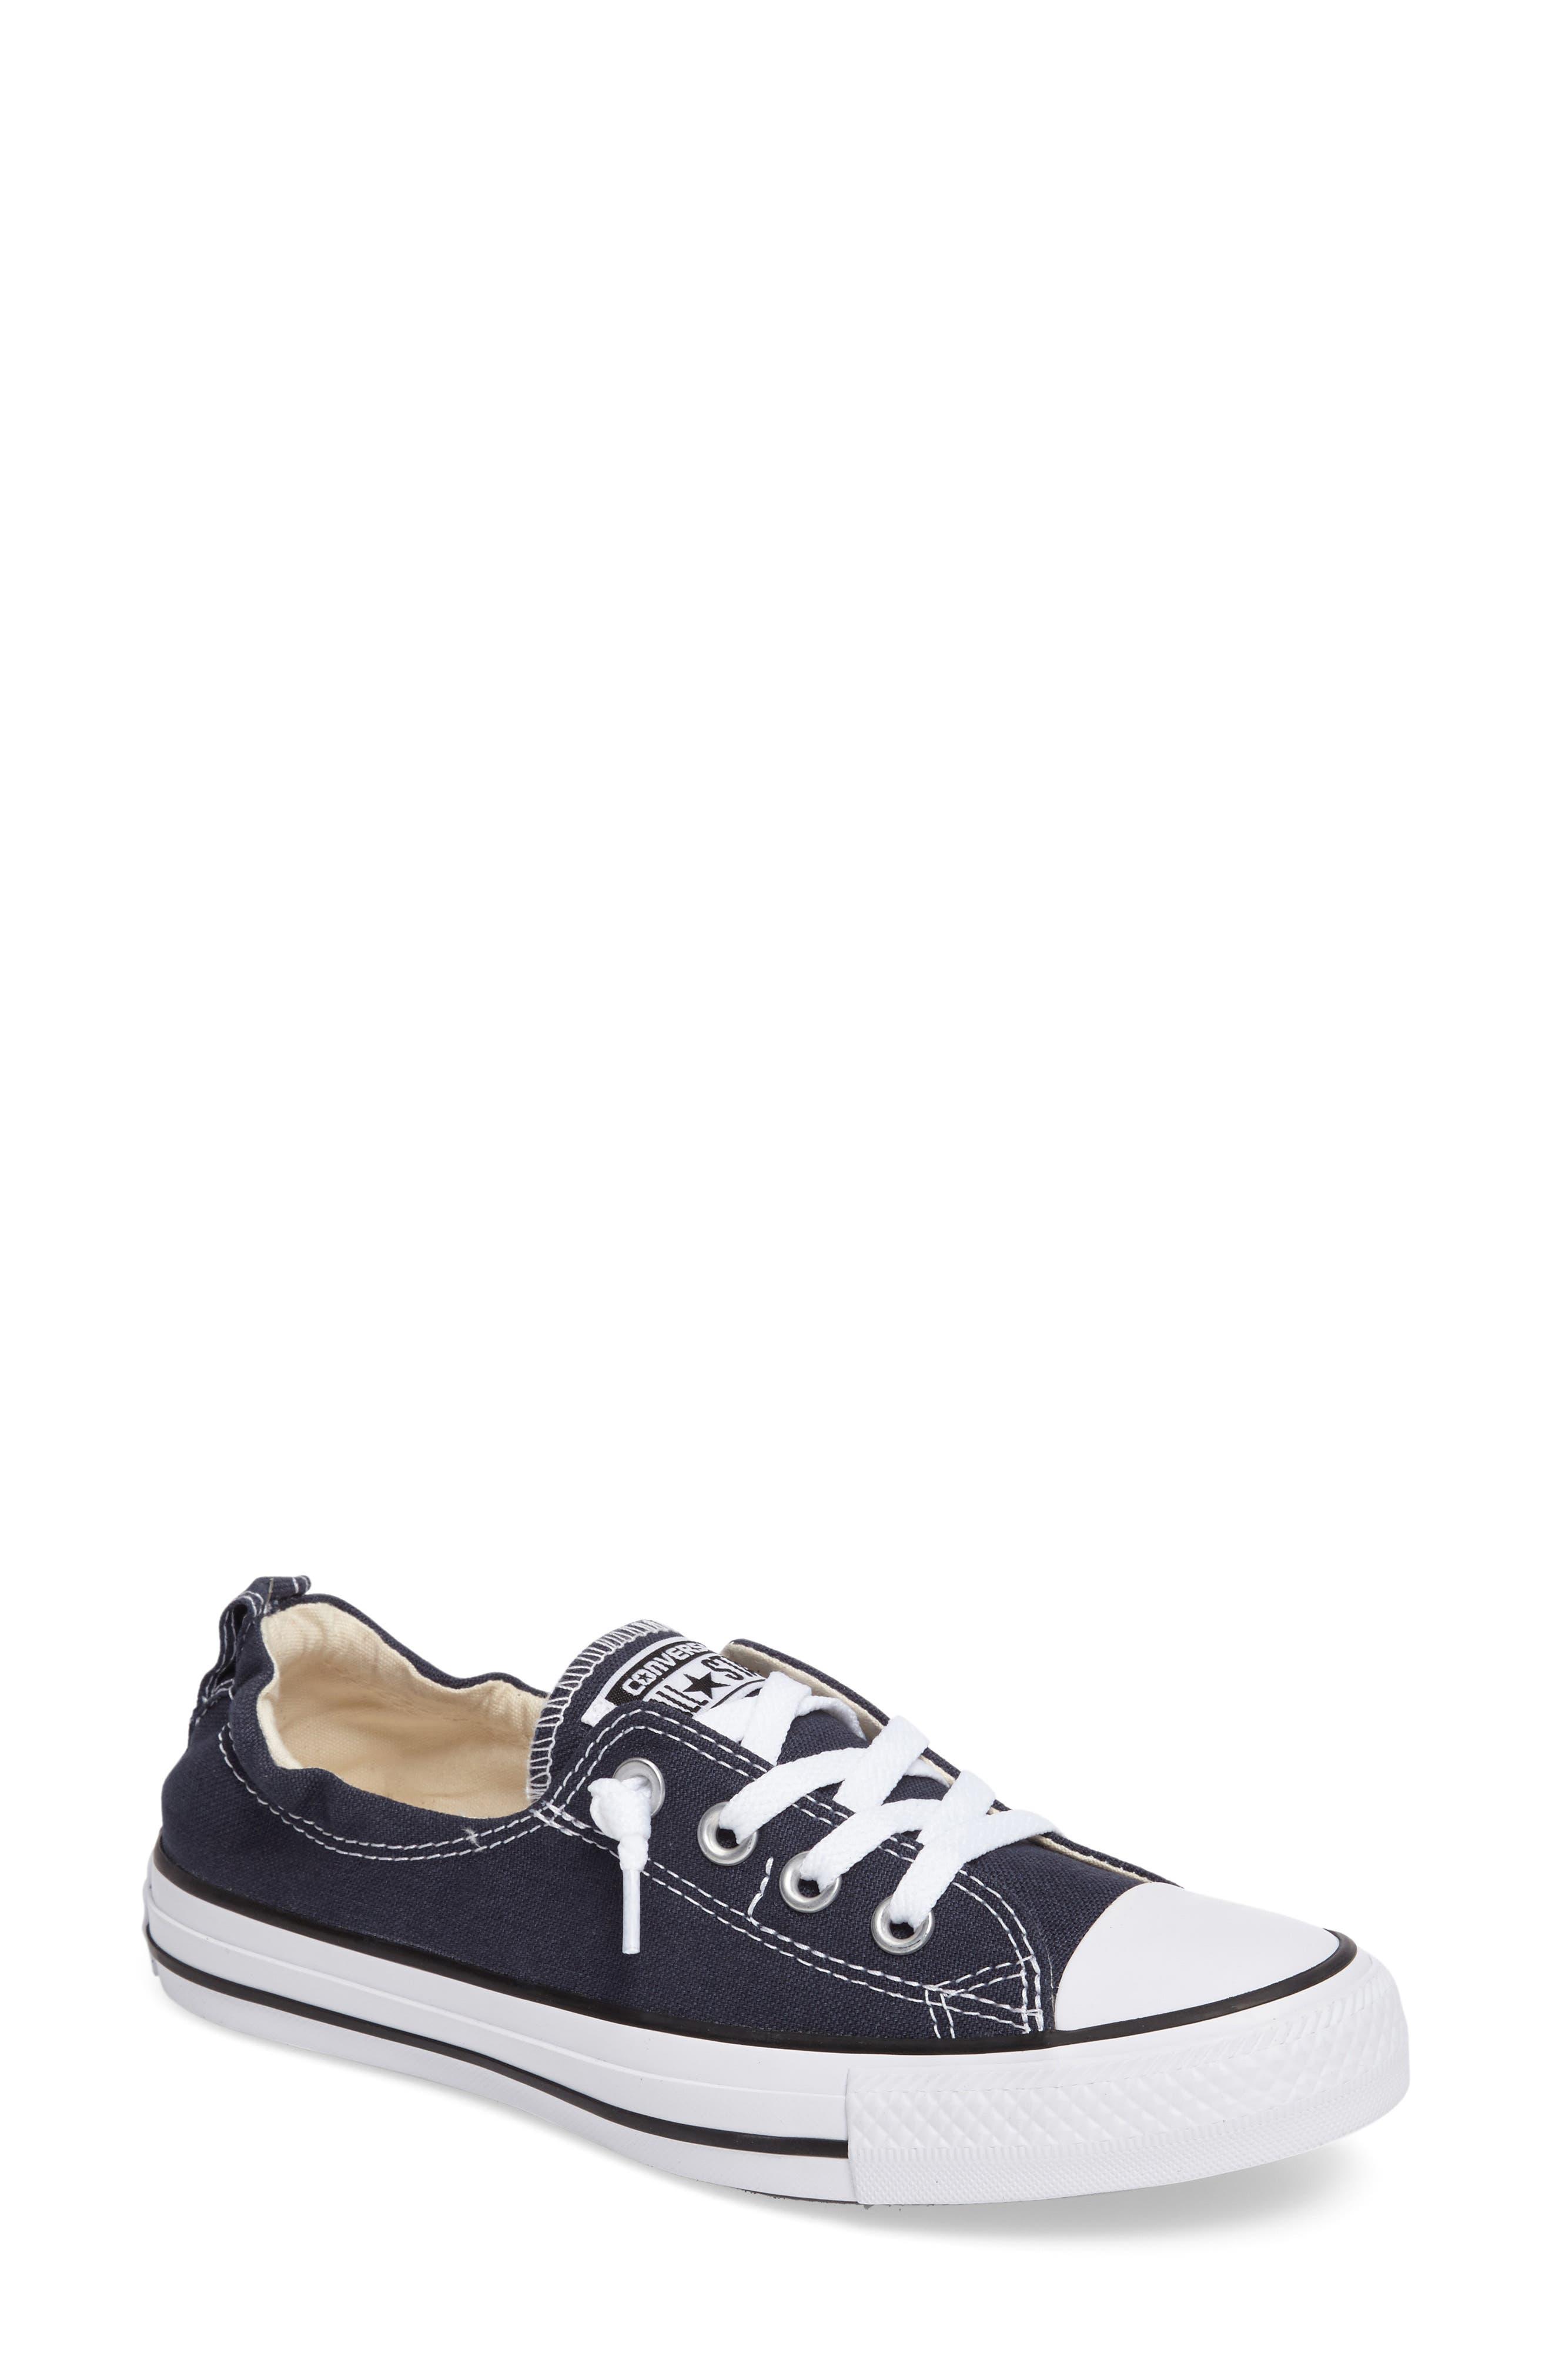 CONVERSE, Chuck Taylor<sup>®</sup> 'Shoreline' Sneaker, Main thumbnail 1, color, NAVY